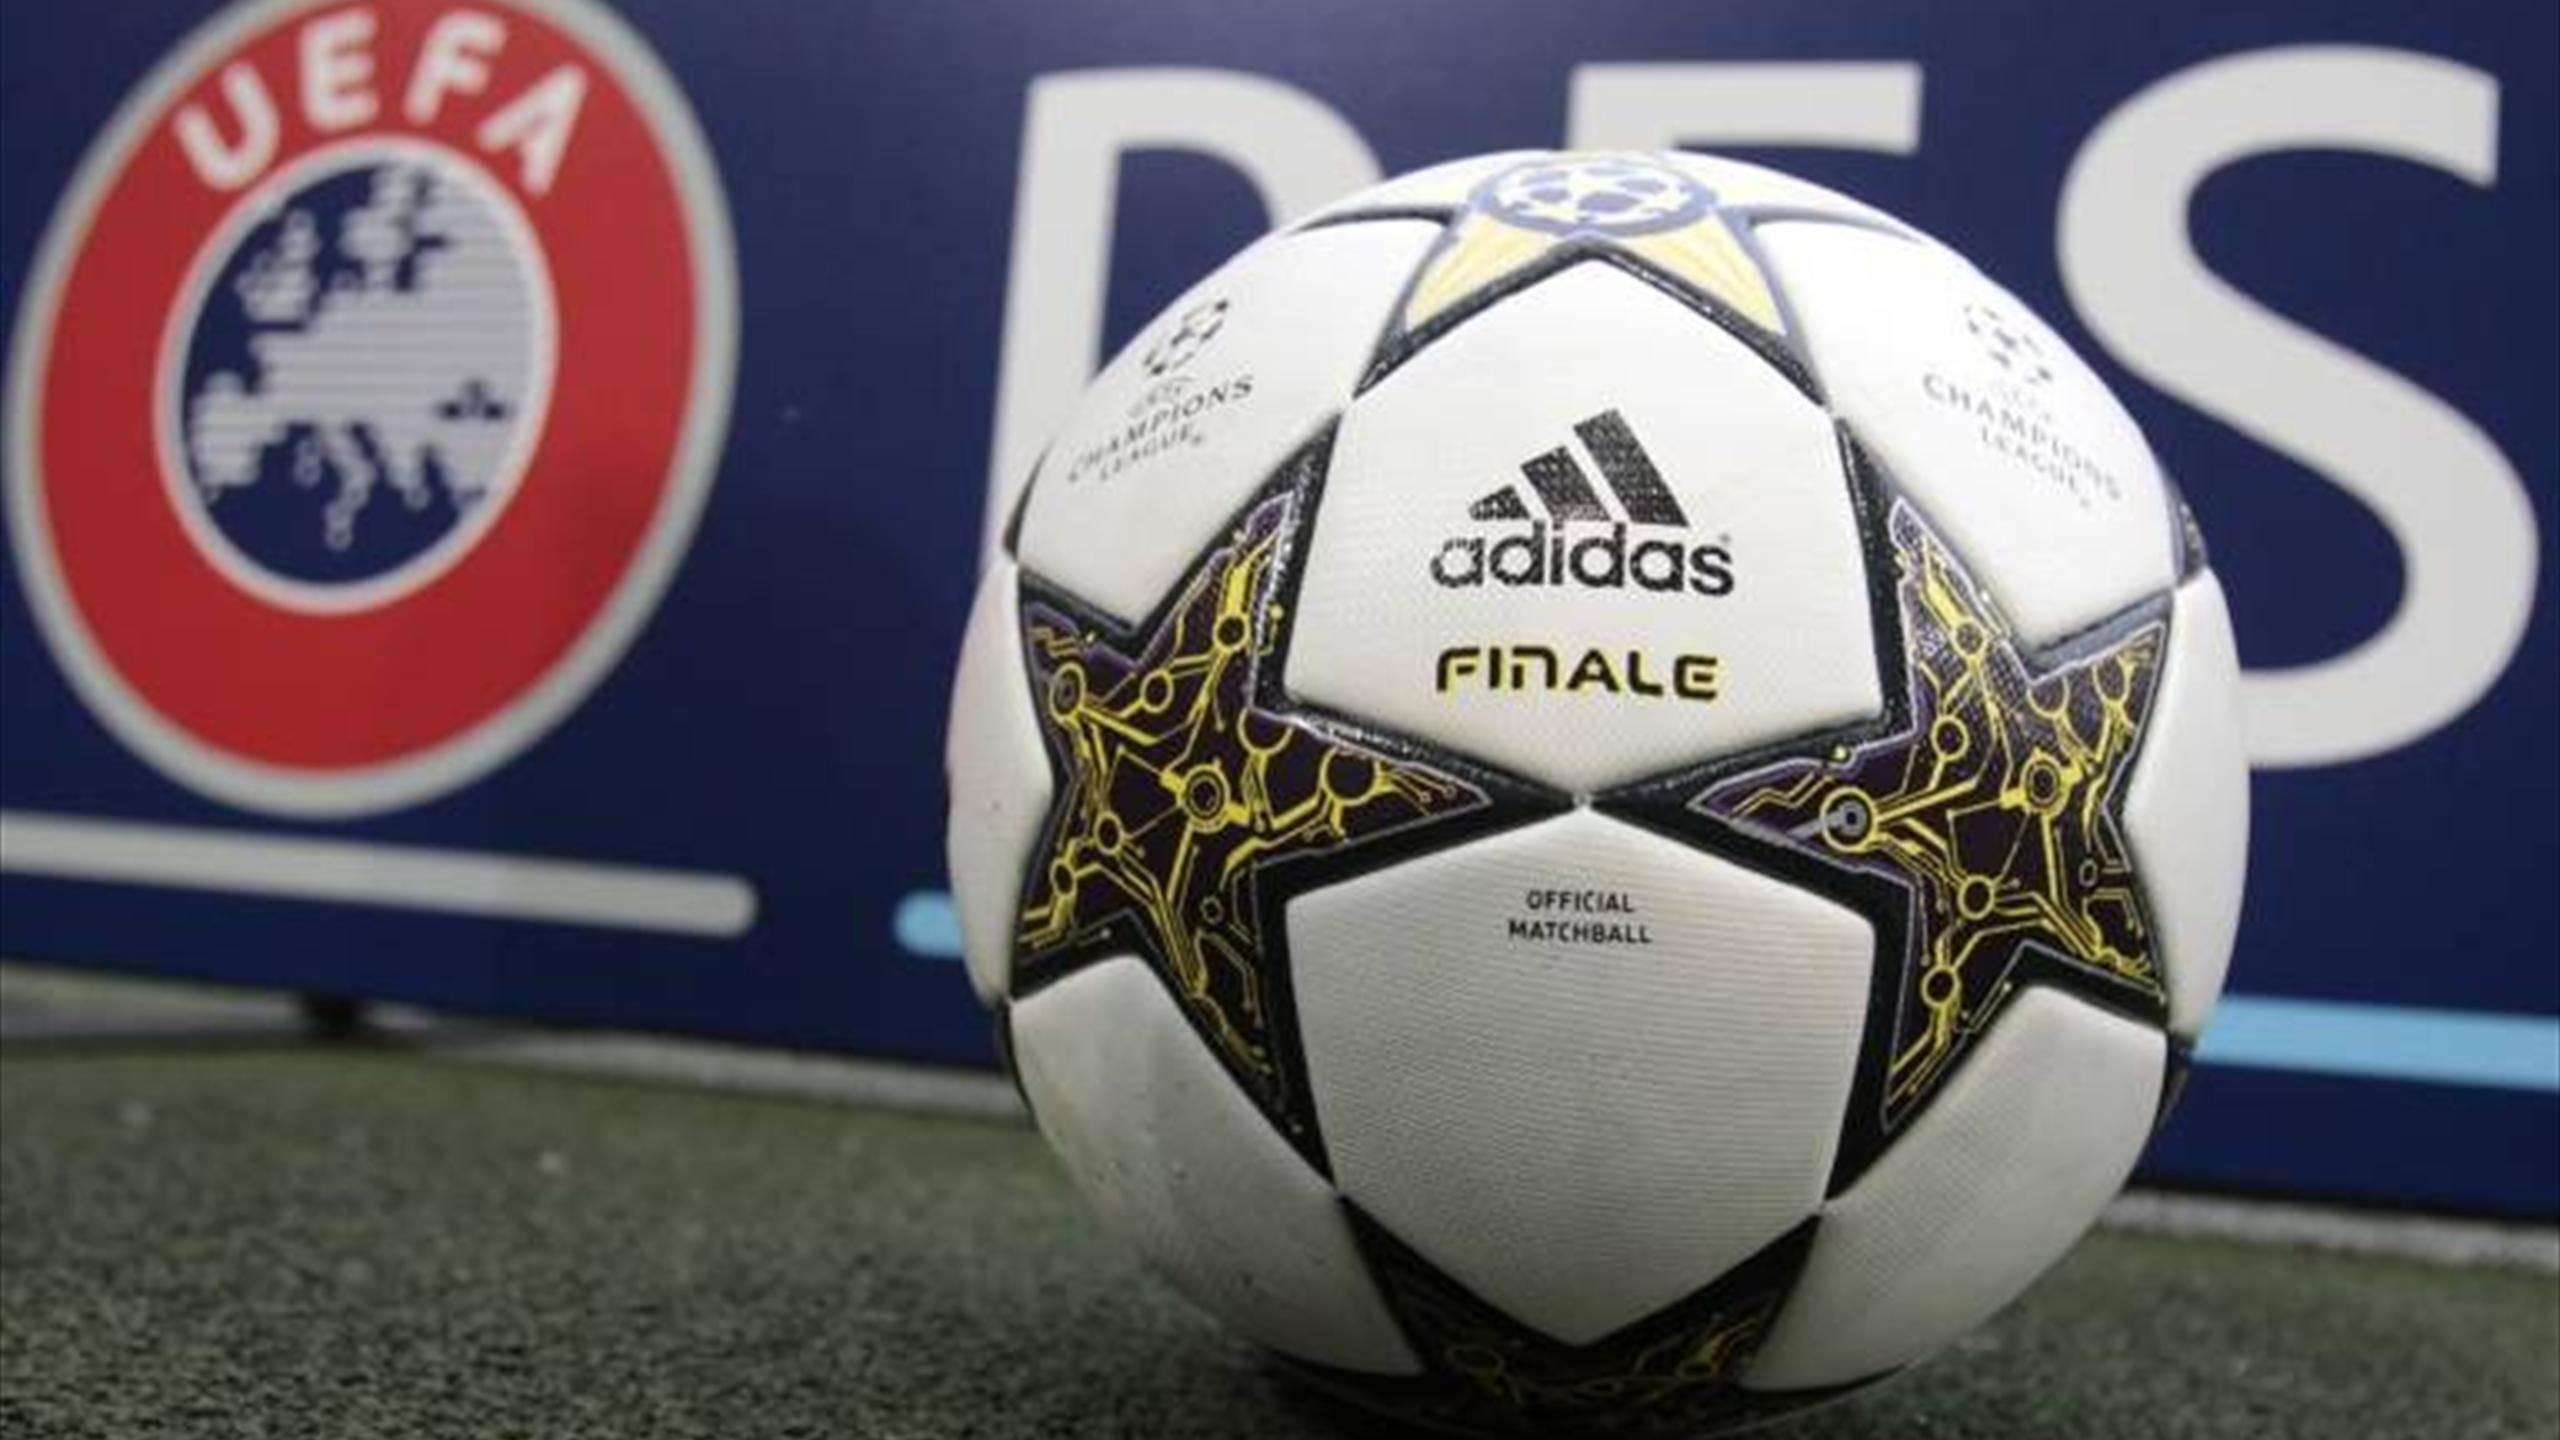 الاتحاد الاوروبي لكرة القدم